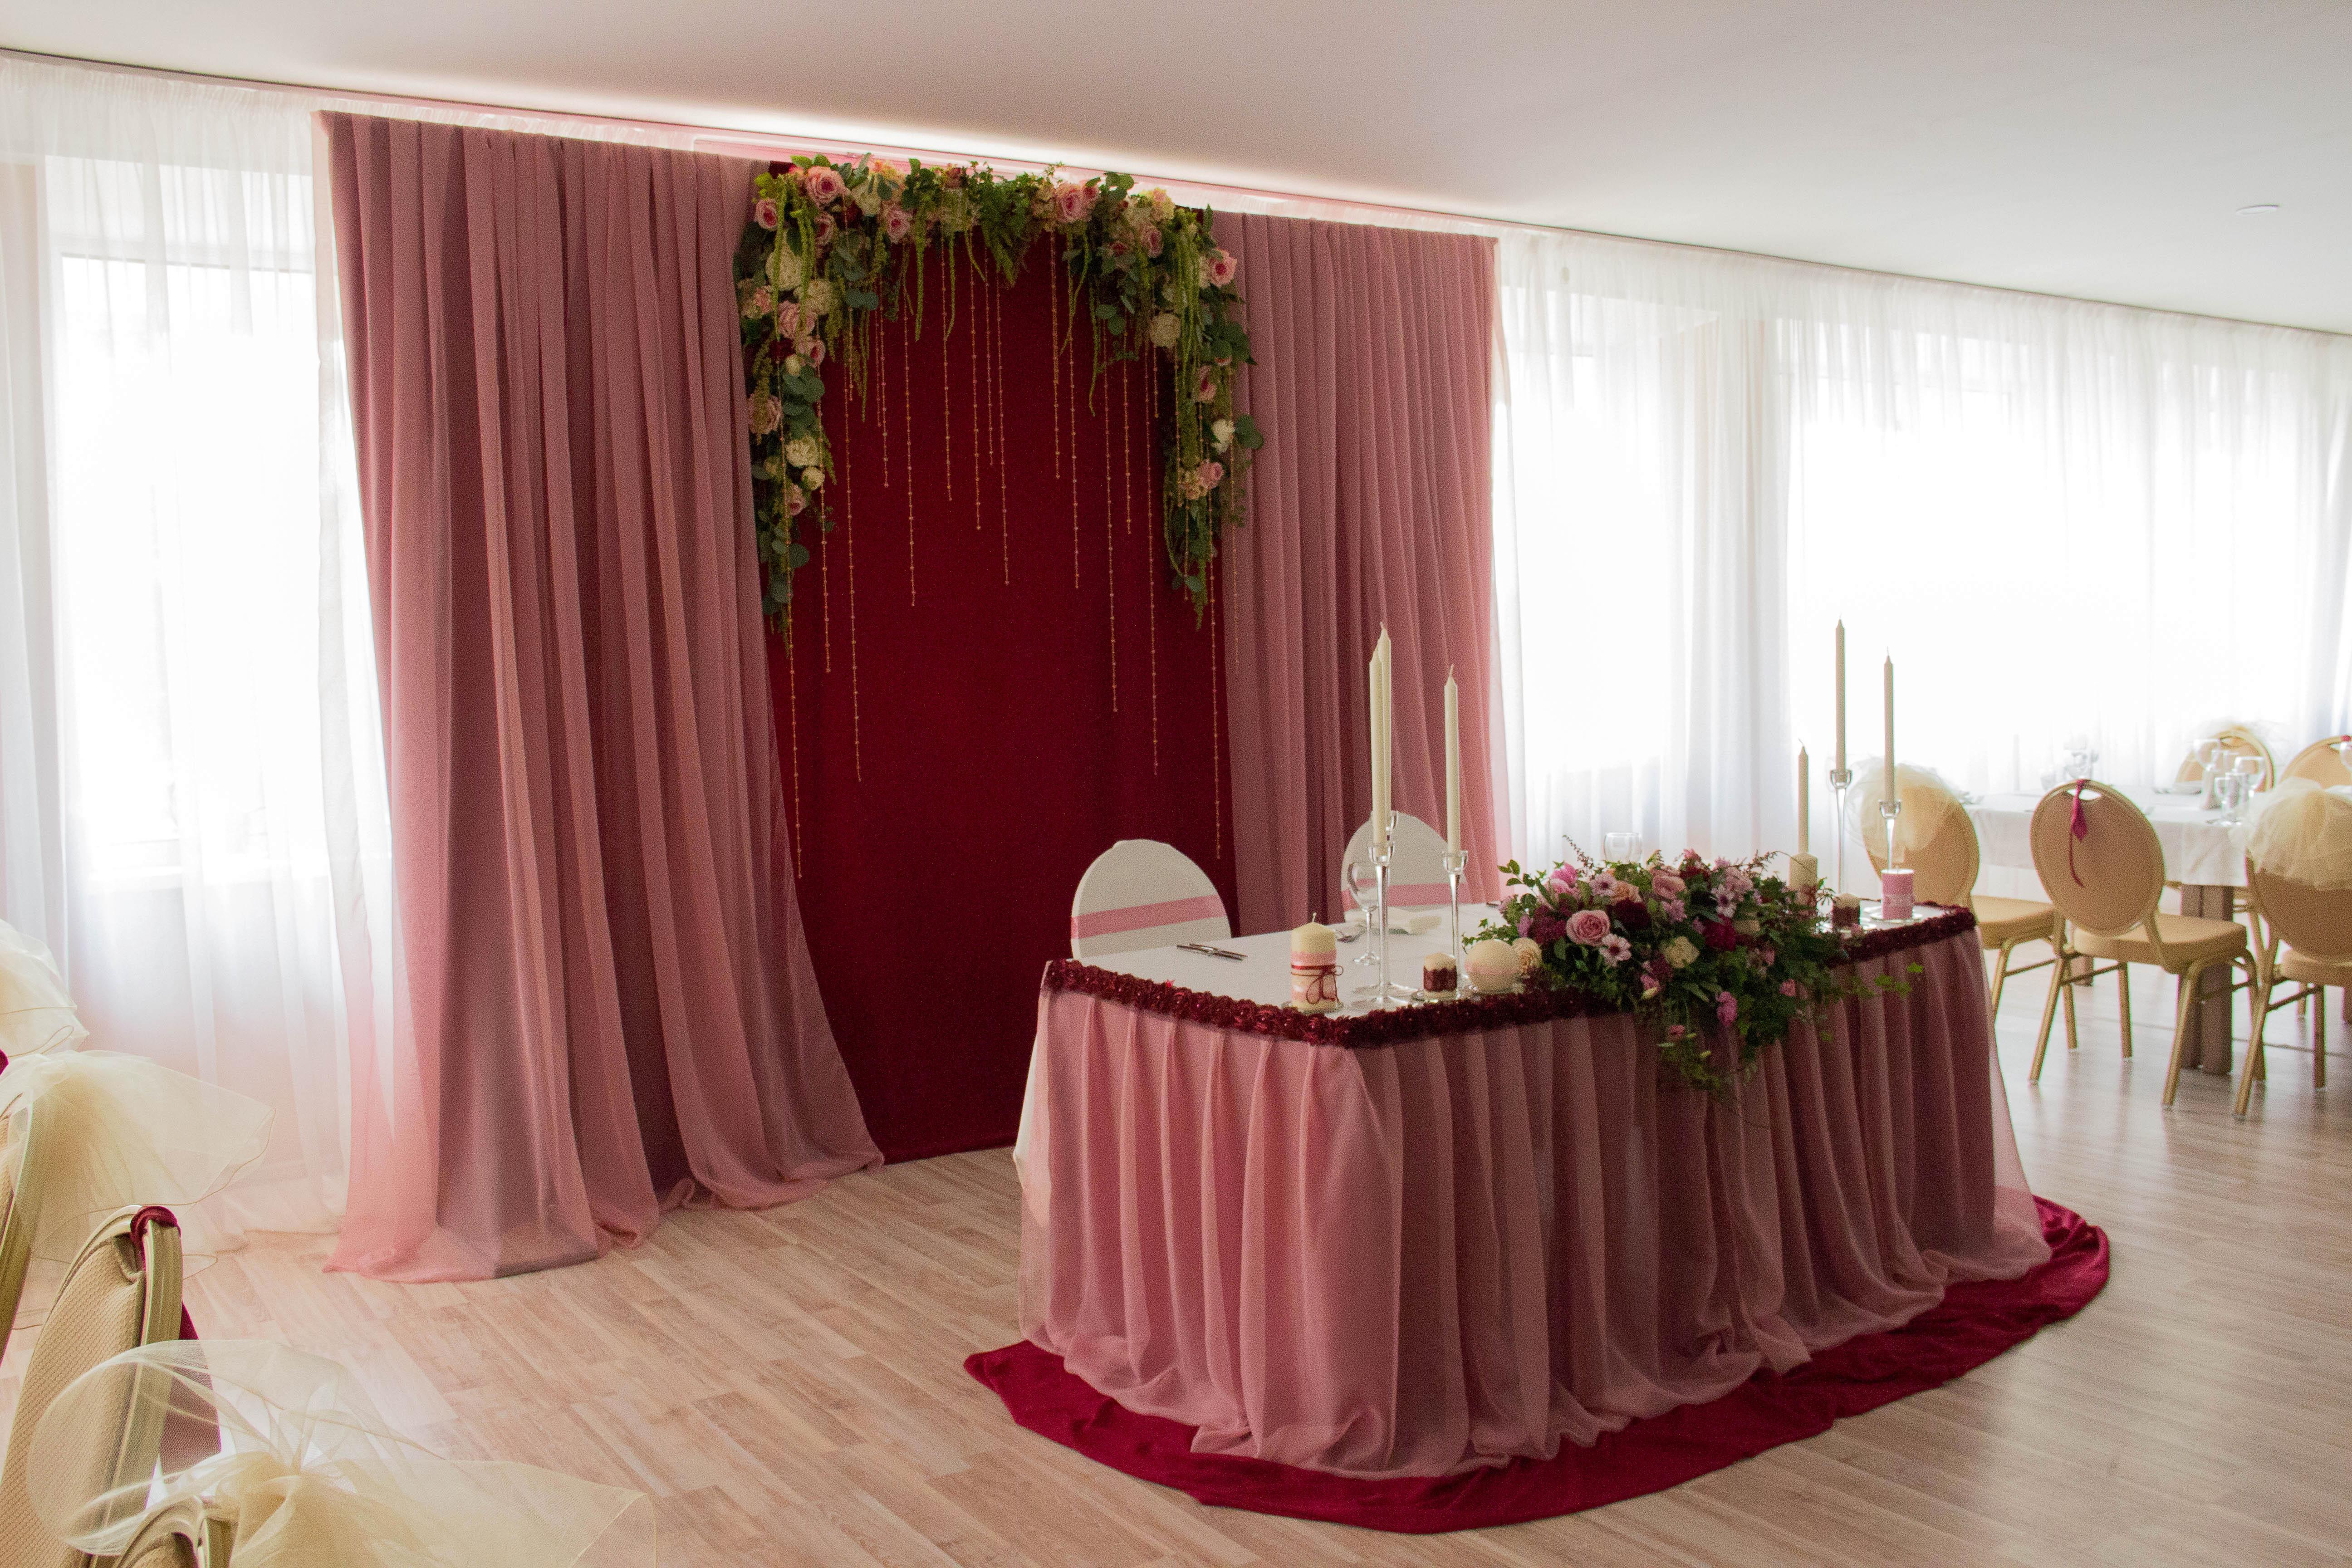 Свадьба в цвете марсала оформление зала фото дизайн